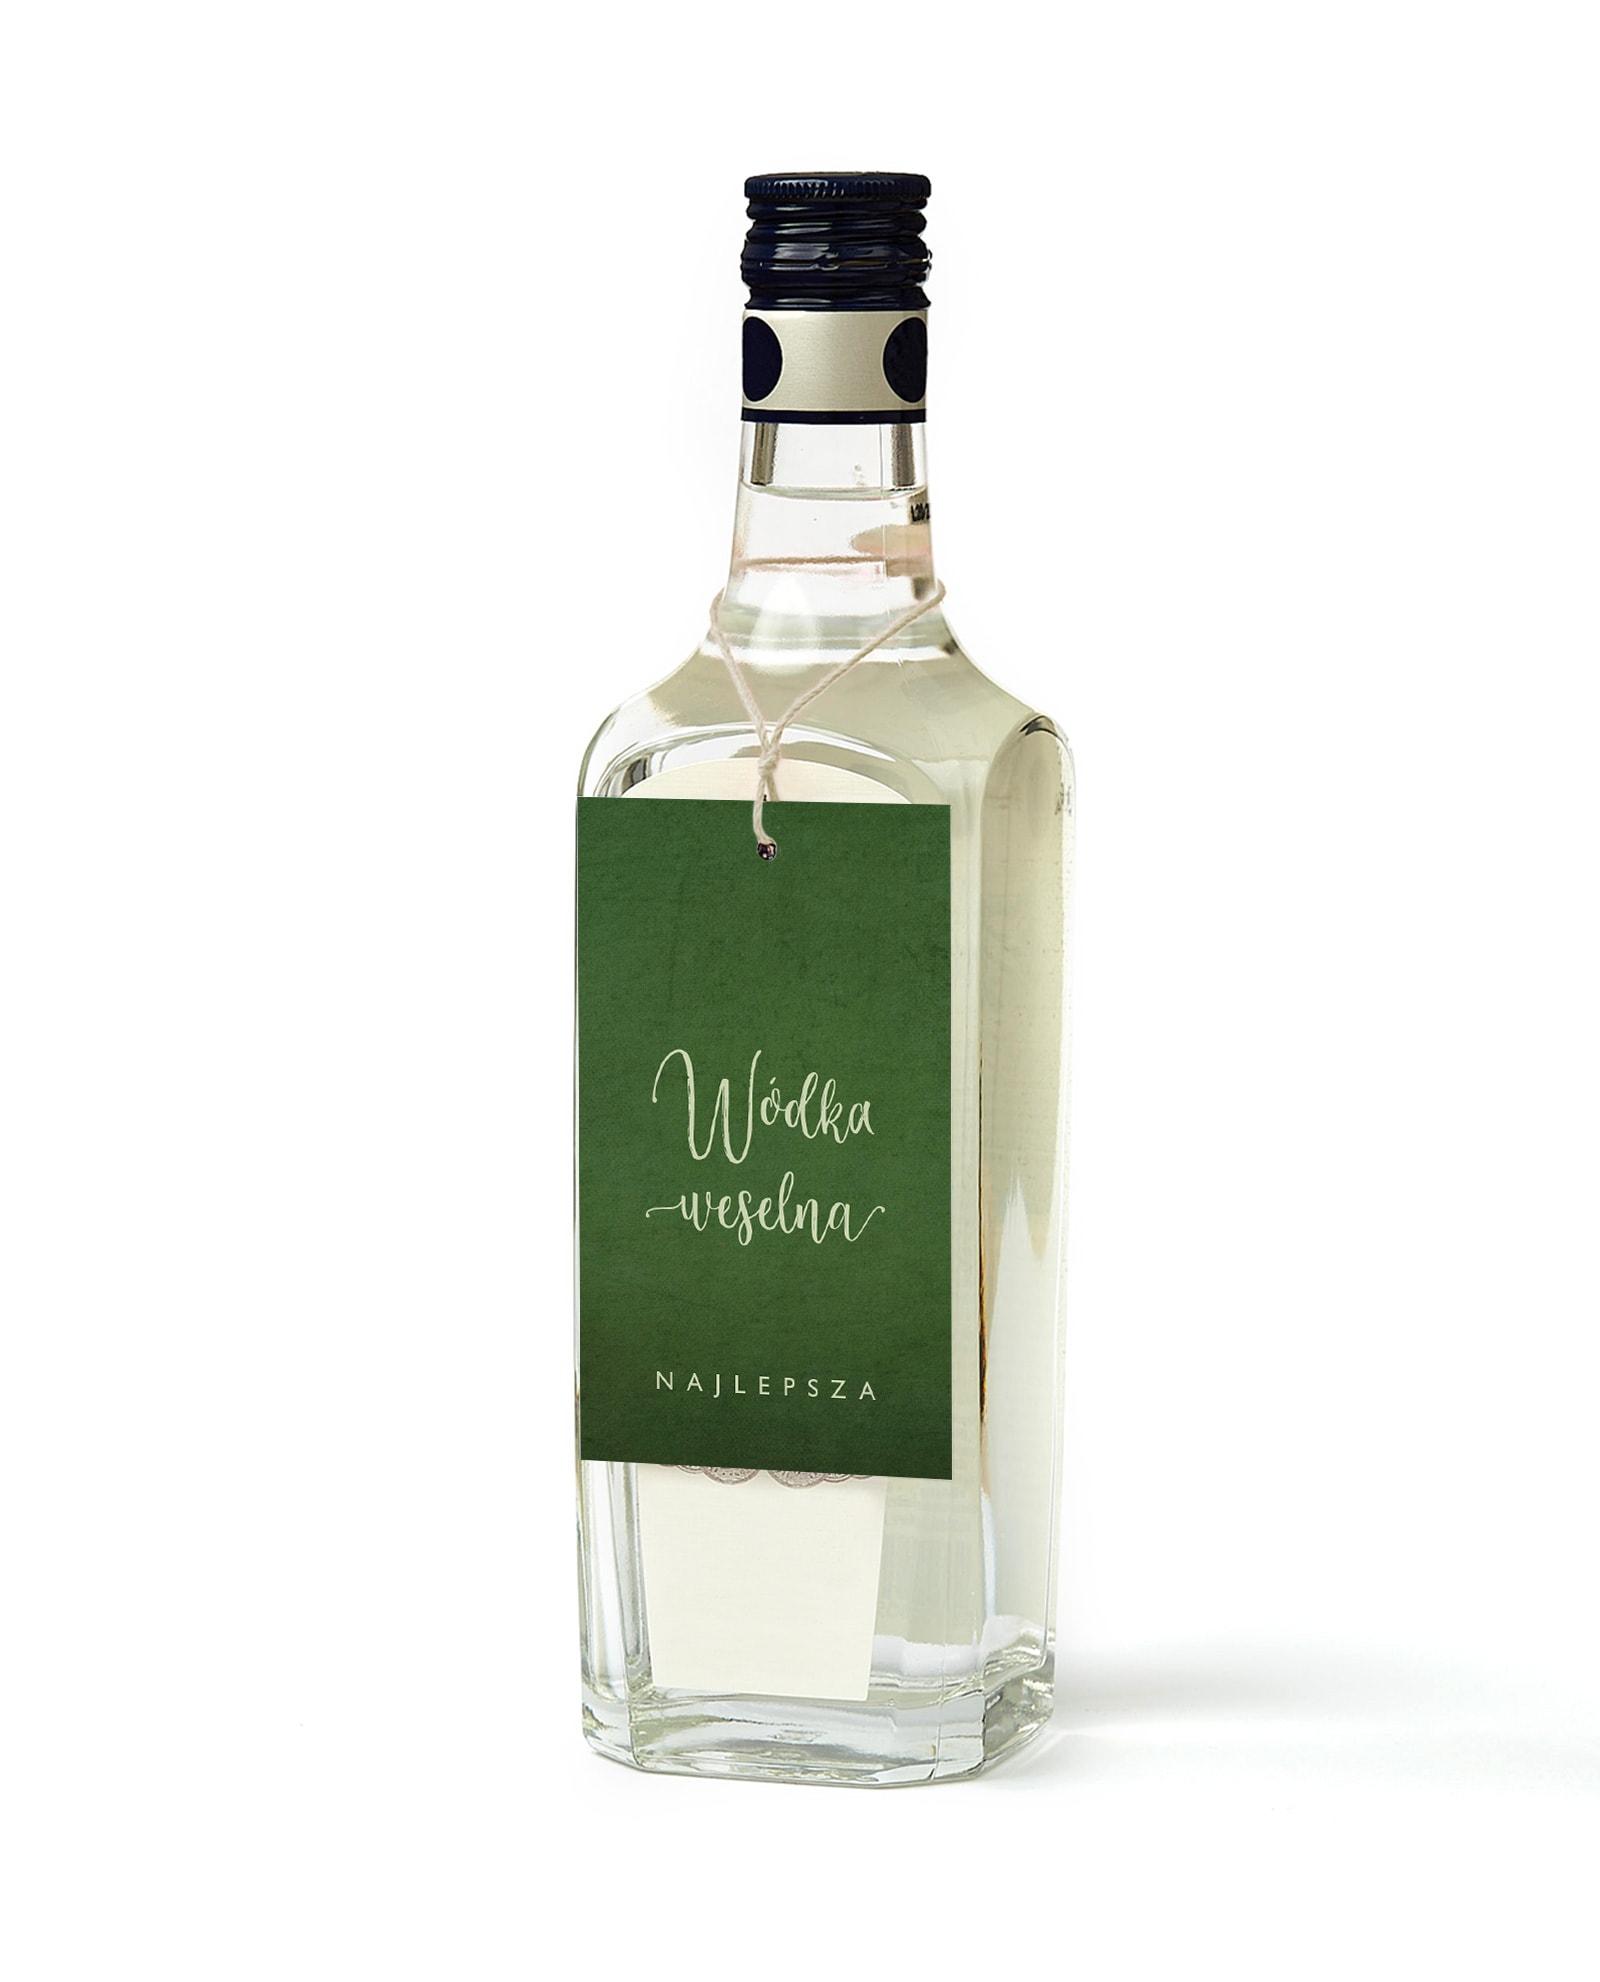 Zawieszki na wódeczkę w kolorze butelkowej zieleni